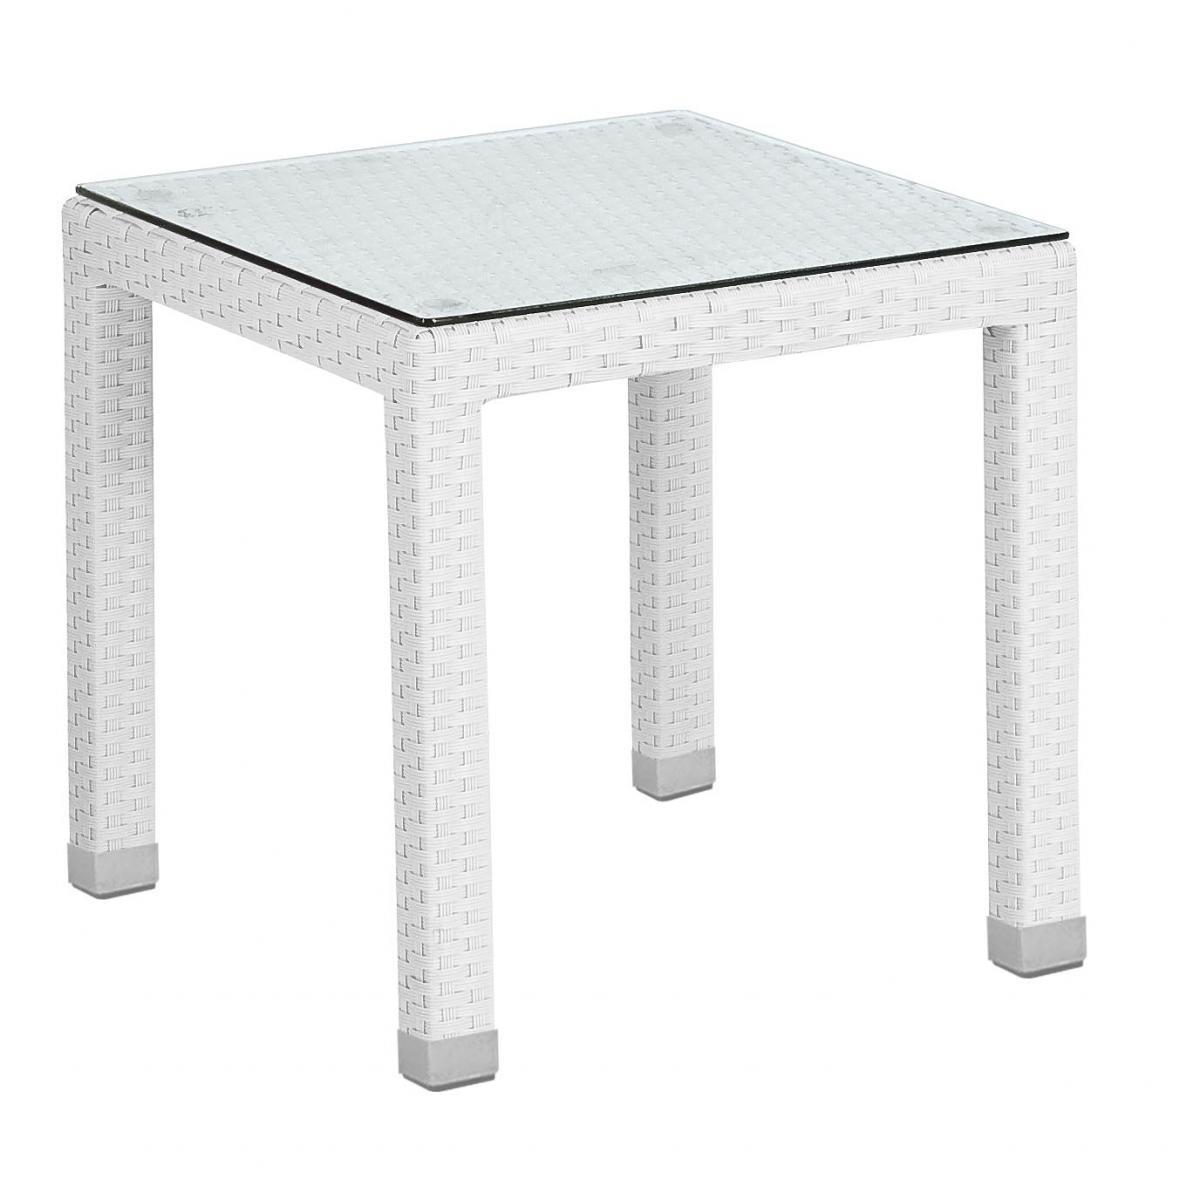 Стол плетеный журнальный со стеклом Steps